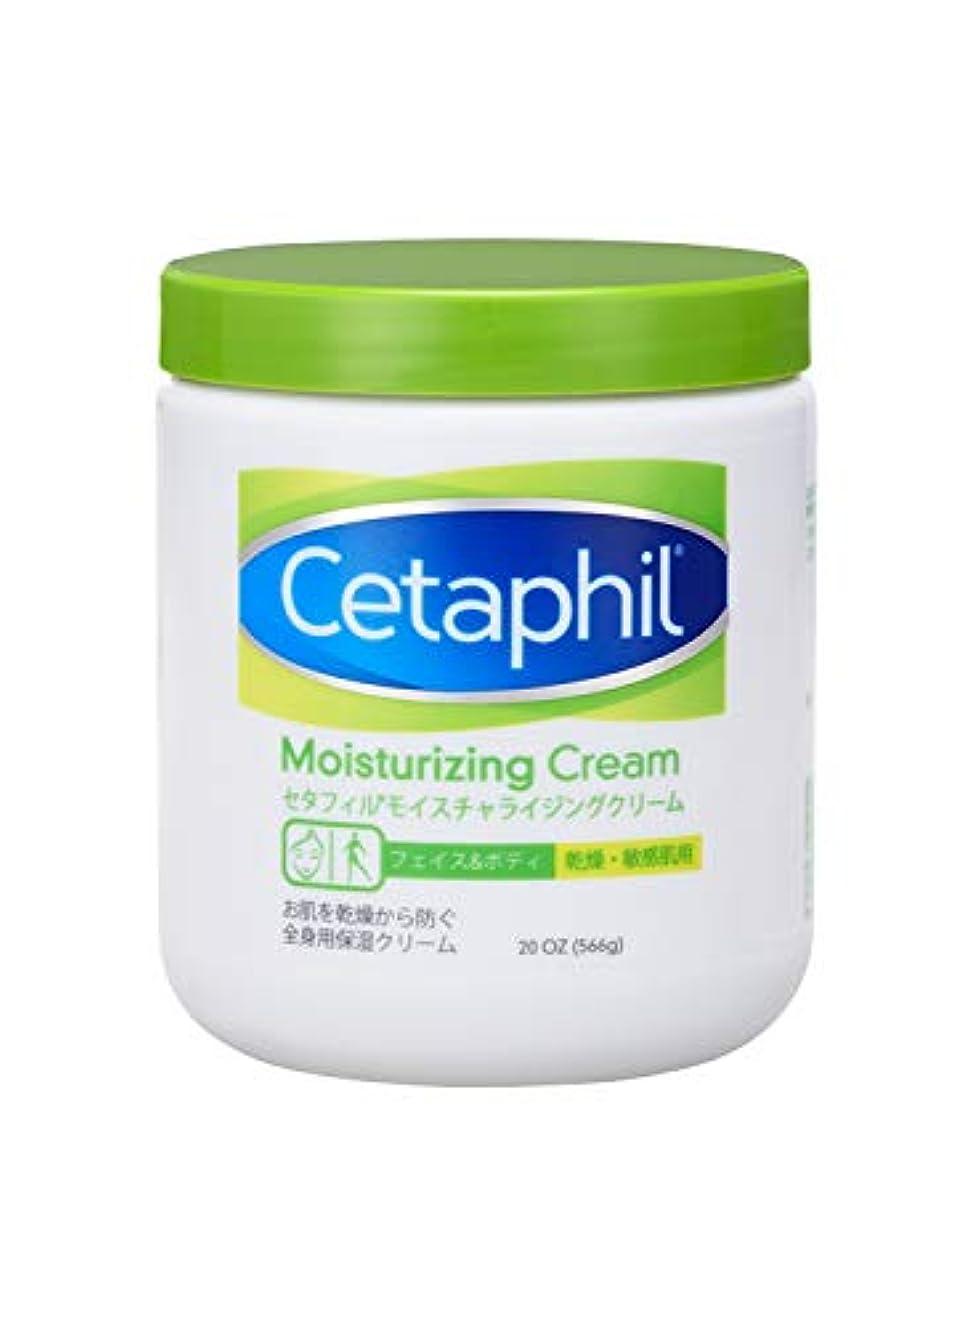 かかわらず驚くばかり広範囲にセタフィル Cetaphil ® モイスチャライジングクリーム 566ml ( フェイス & ボディ 保湿クリーム クリーム )